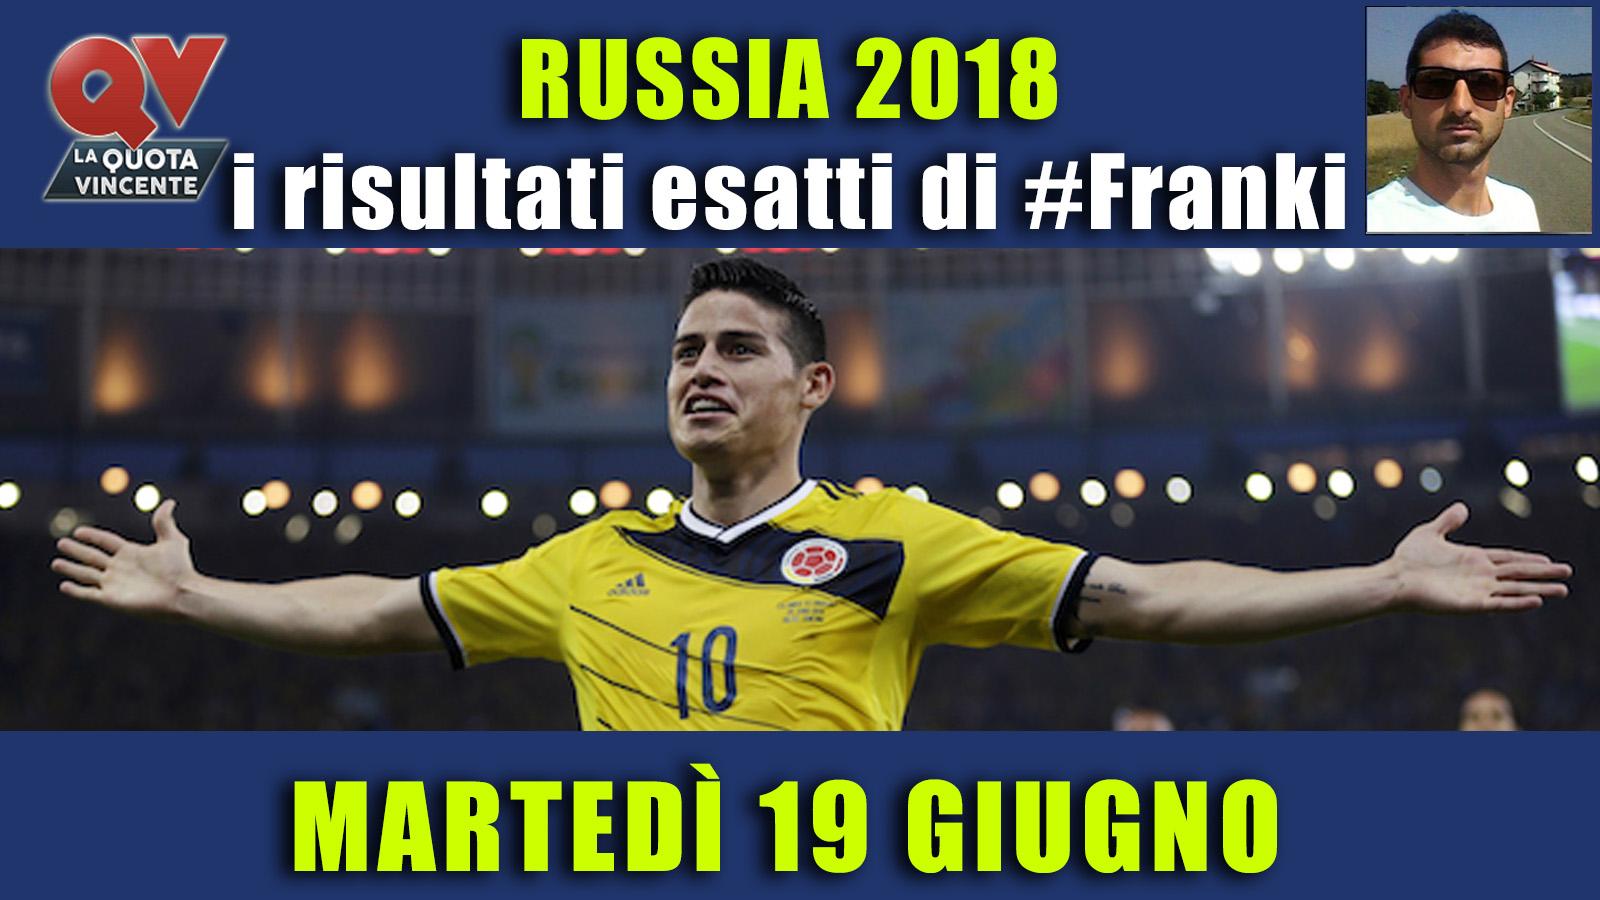 Pronostici risultati esatti Mondiali 19 giugno: le scelte di #FrankyDefa